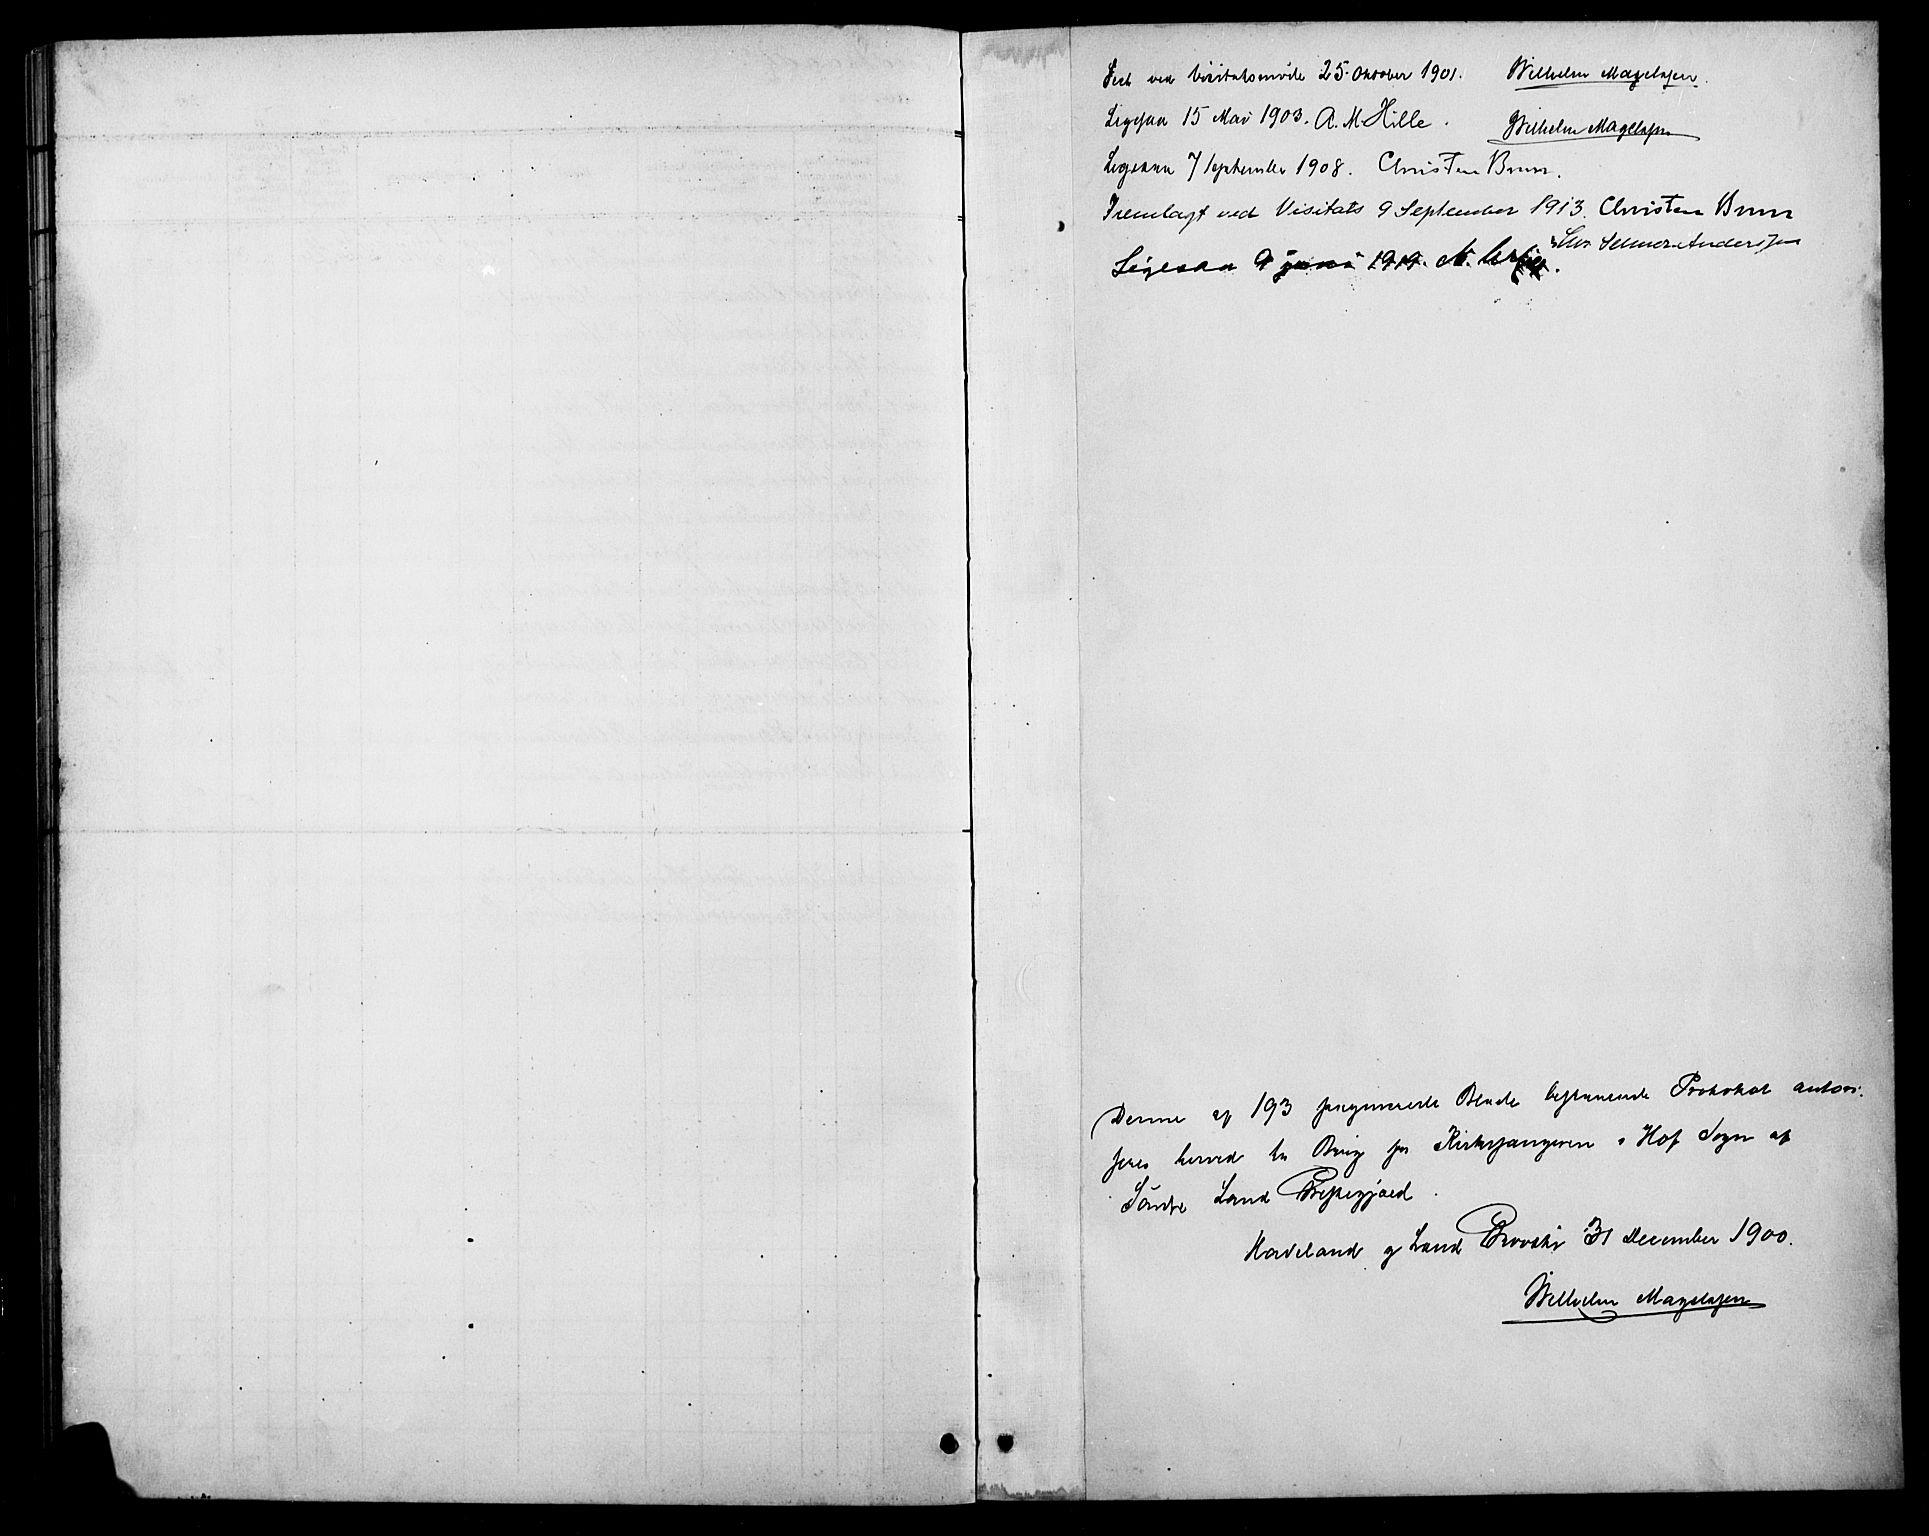 SAH, Søndre Land prestekontor, L/L0004: Klokkerbok nr. 4, 1901-1915